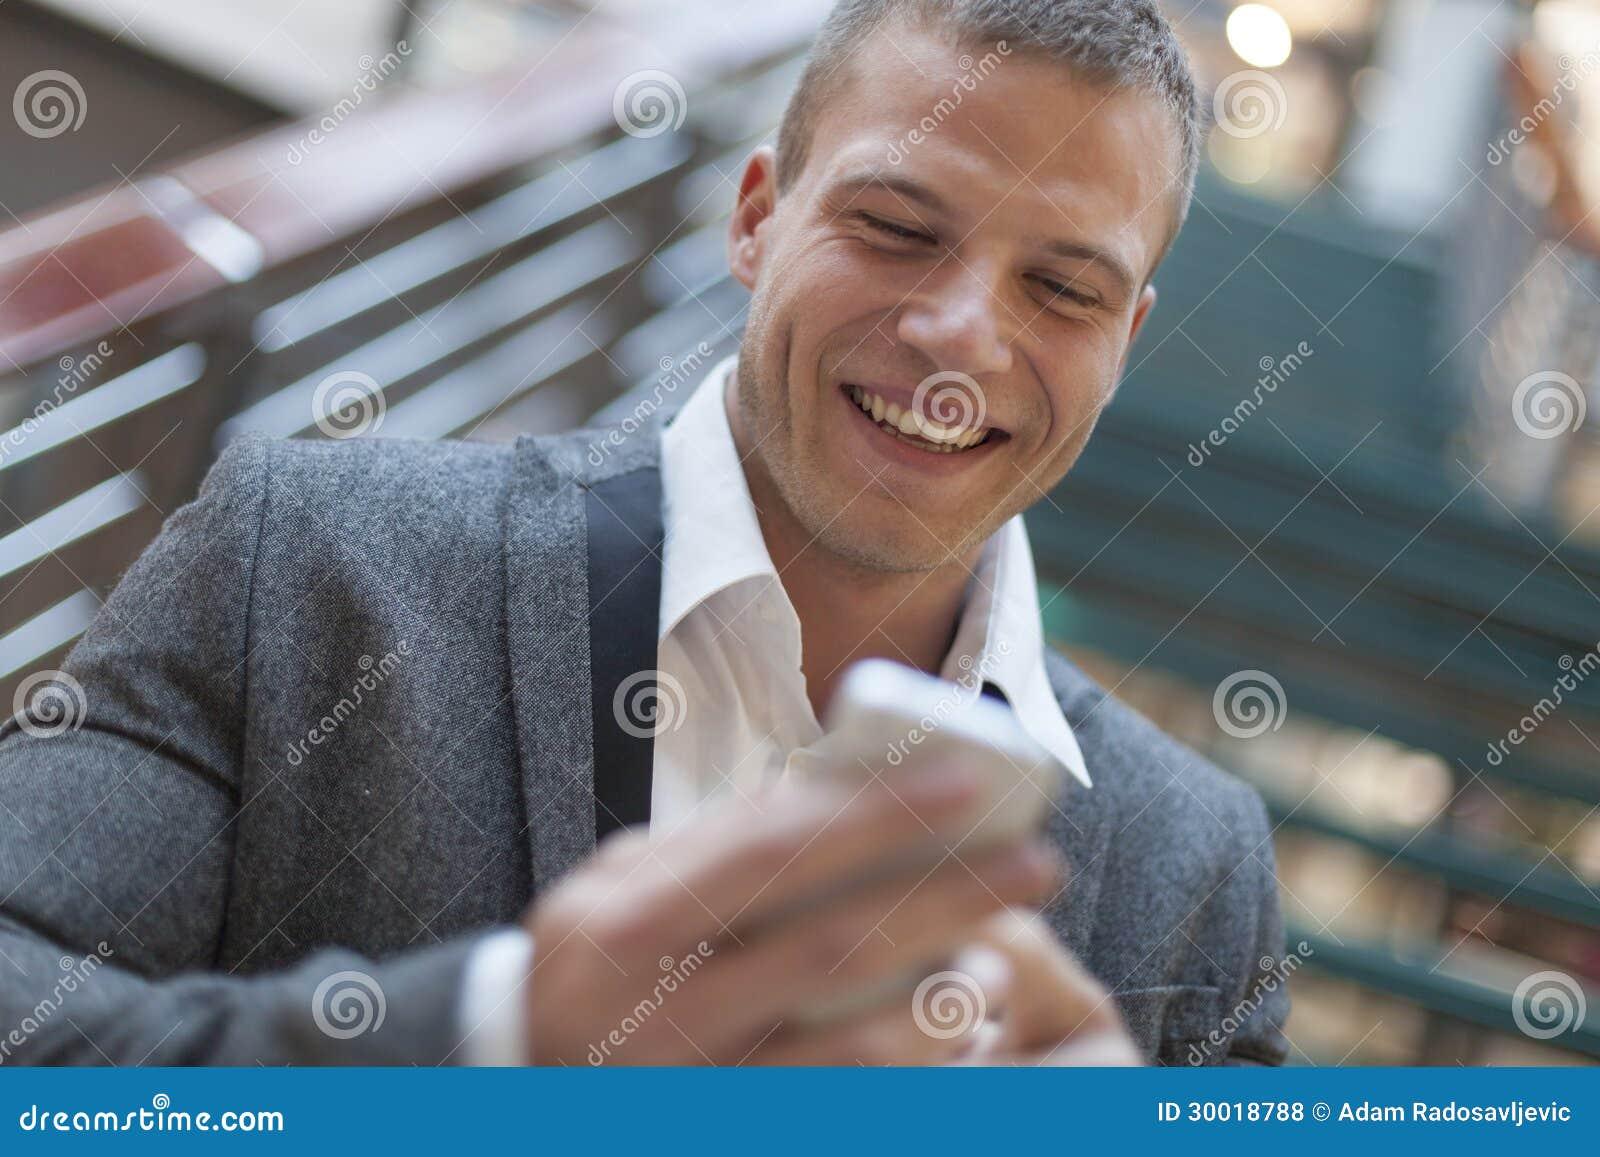 Gute Nachrichten! Männer, die sms auf smartphone im Geschäftsgebäude lesen